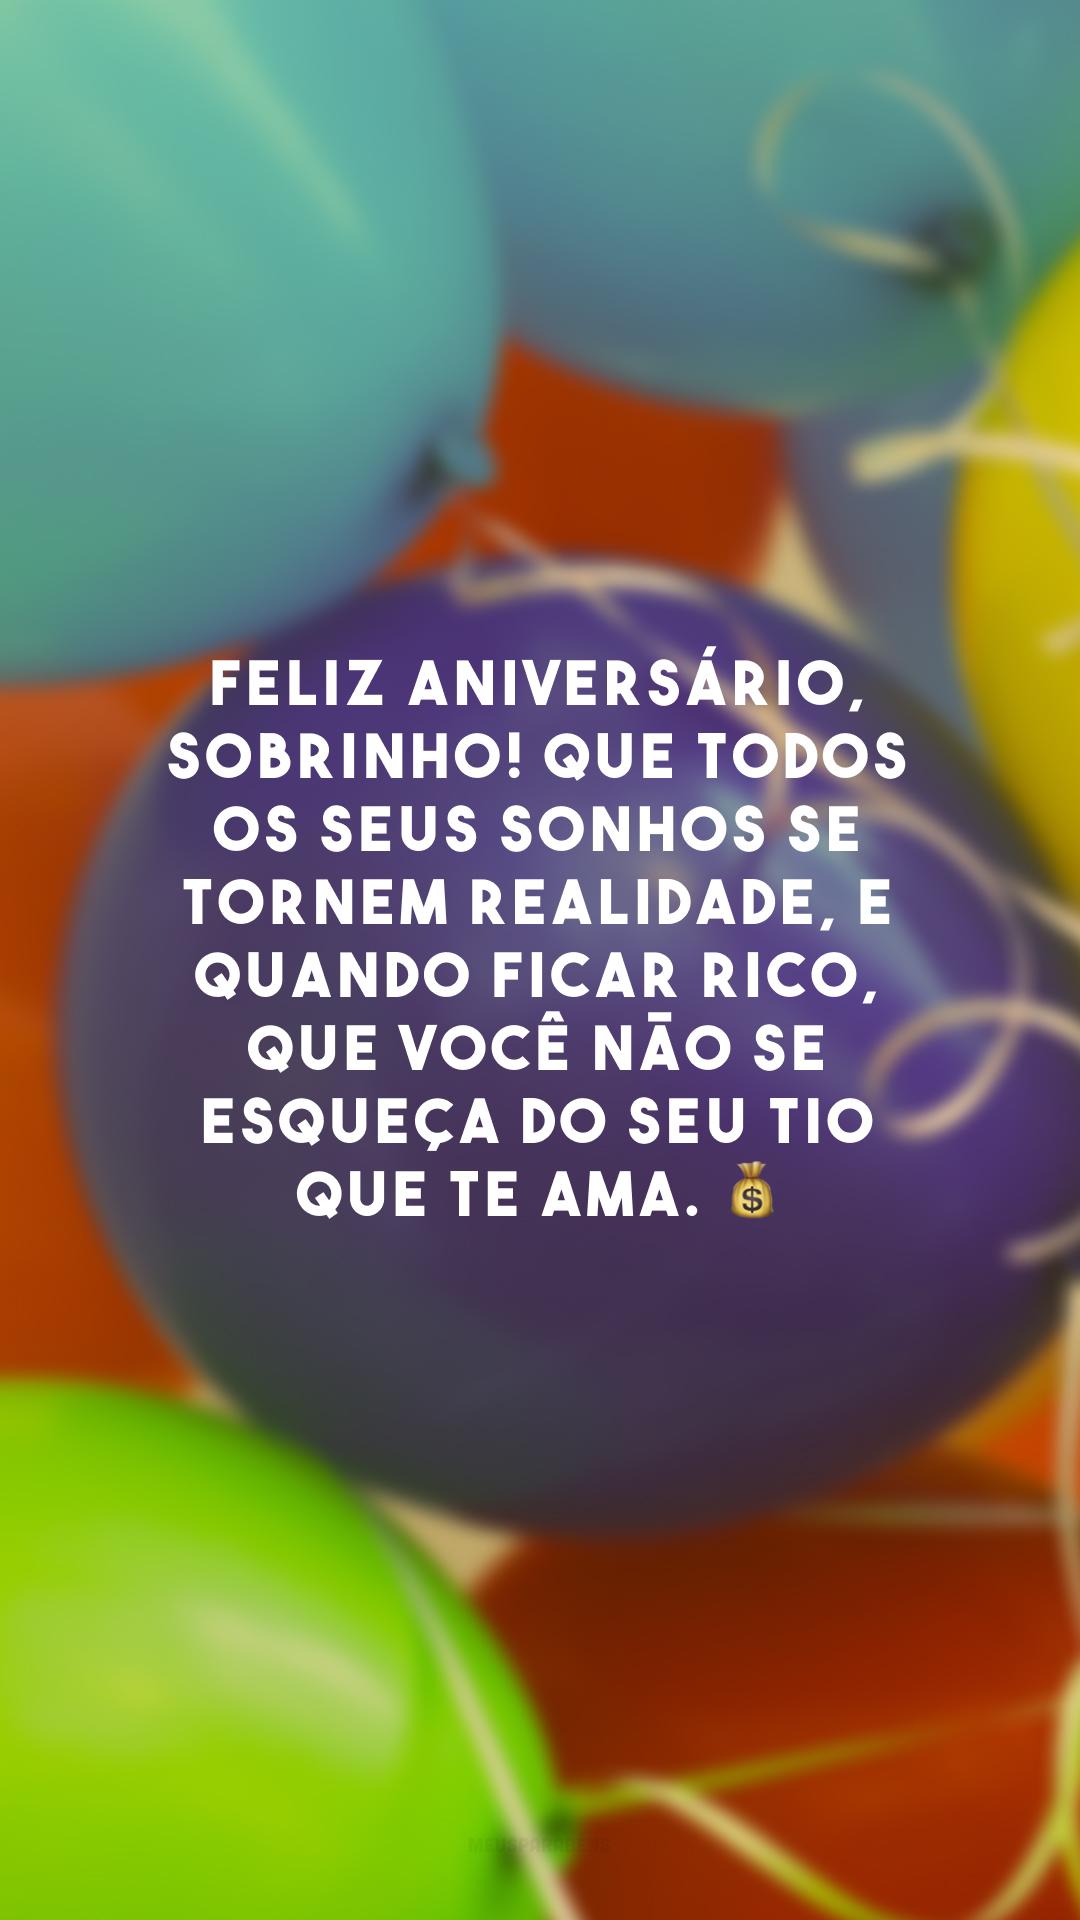 Feliz aniversário, sobrinho! Que todos os seus sonhos se tornem realidade, e quando ficar rico, que você não se esqueça do seu tio que te ama. 💰